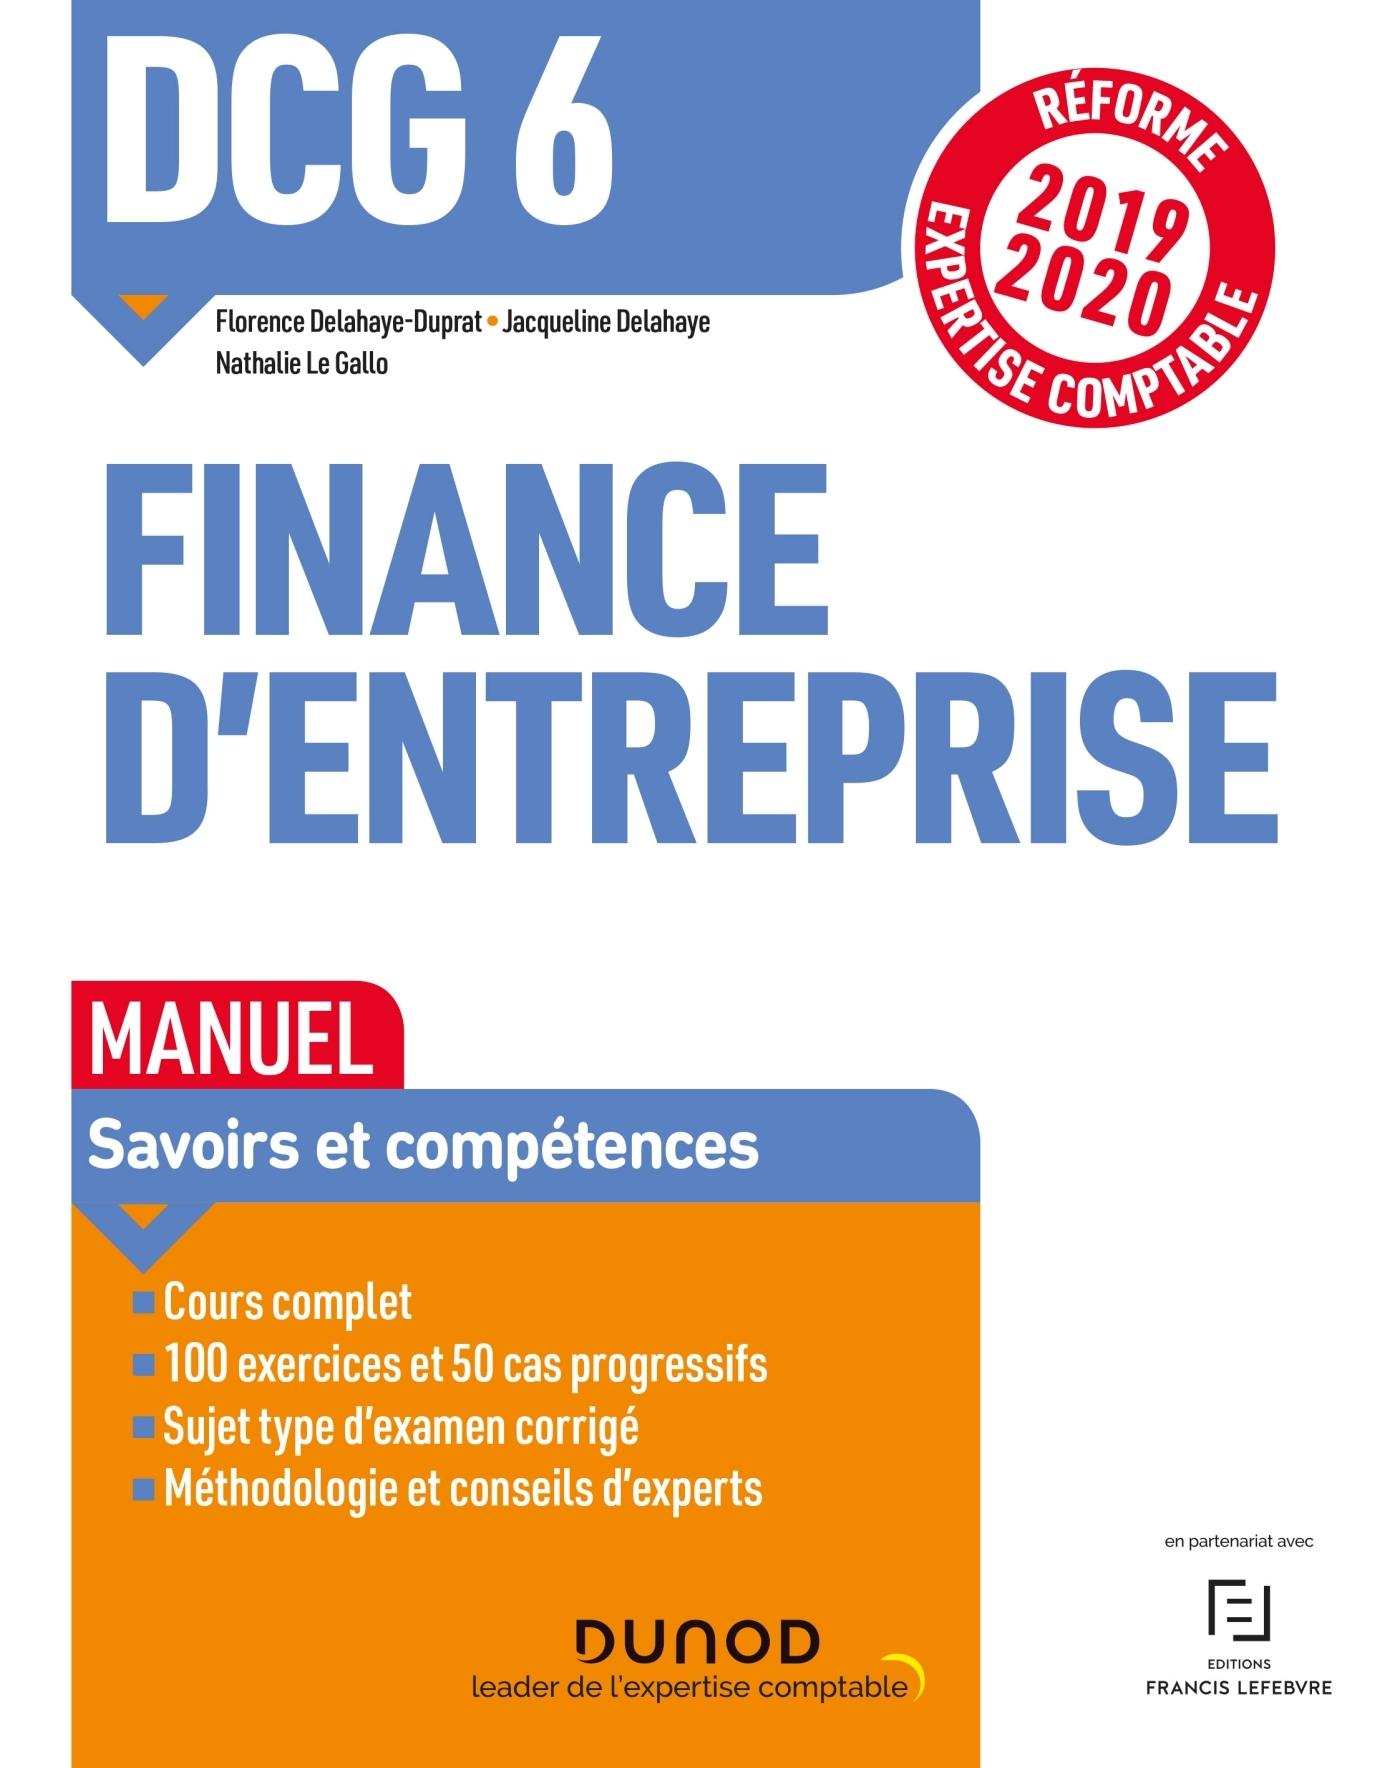 DCG 6 - FINANCE D'ENTREPRISE - DCG 6 - 1 - DCG 6 FINANCE D'ENTREPRISE - MANUEL - REFORME 2019-2020 -